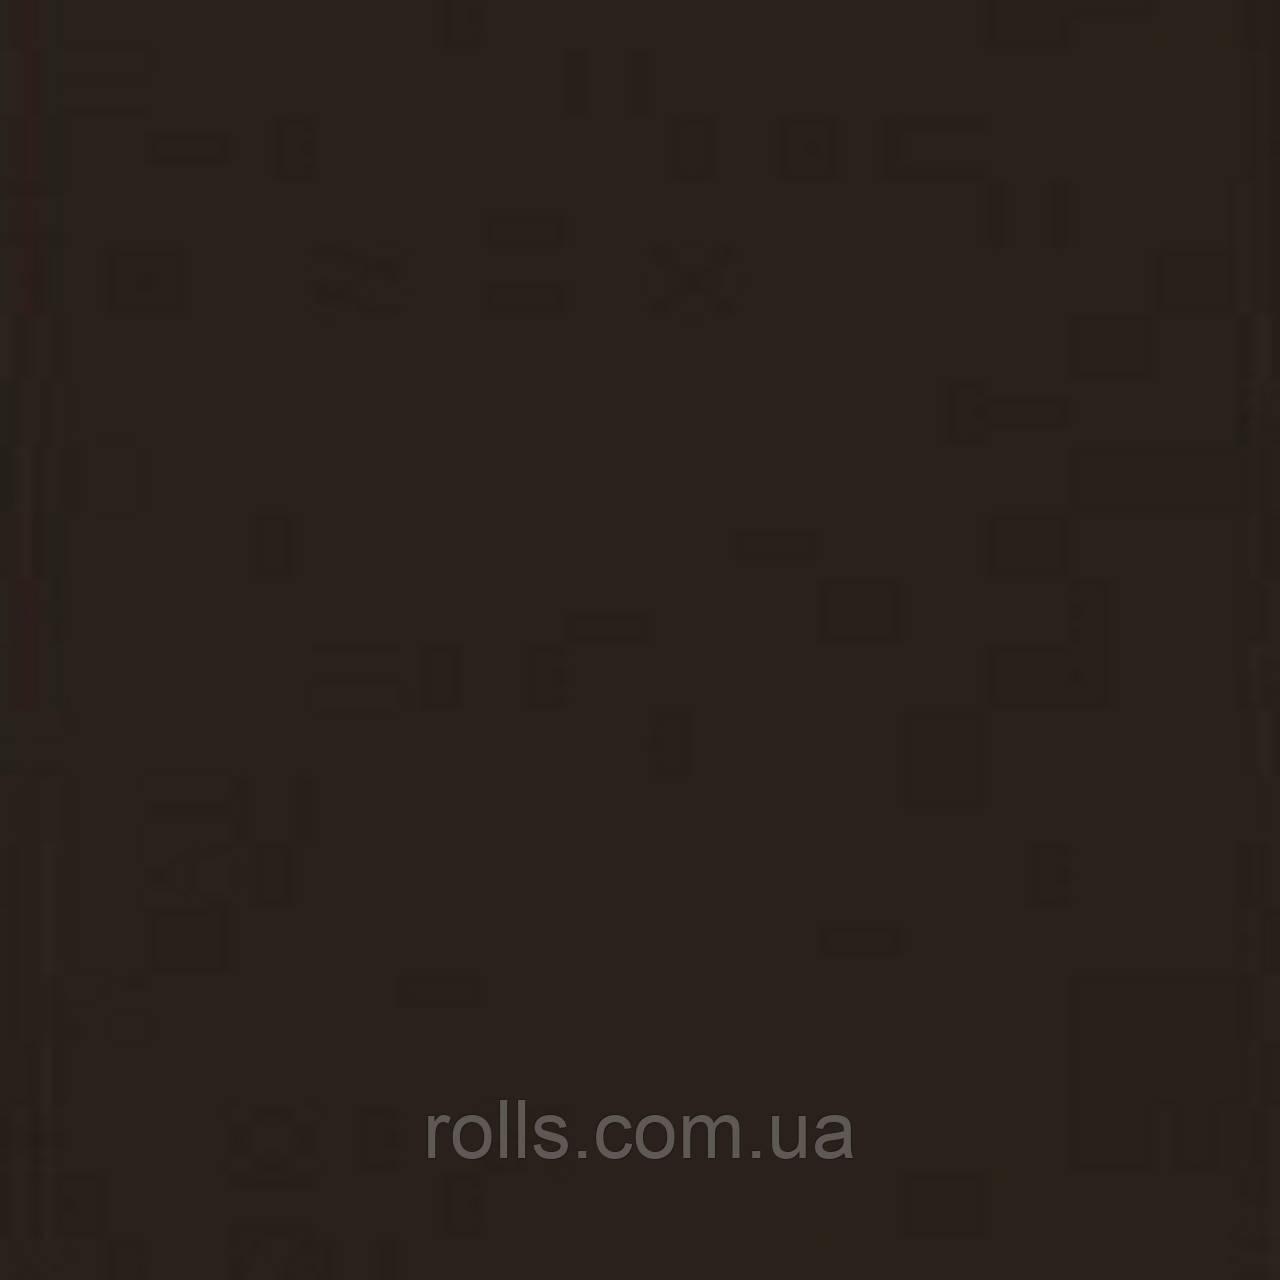 """Лист алюминиевый плоский PREFALZ Р.10 №11 NUSSBRAUN ОРЕХ """"NUT BROWN"""" 0,7х1000х2000мм"""